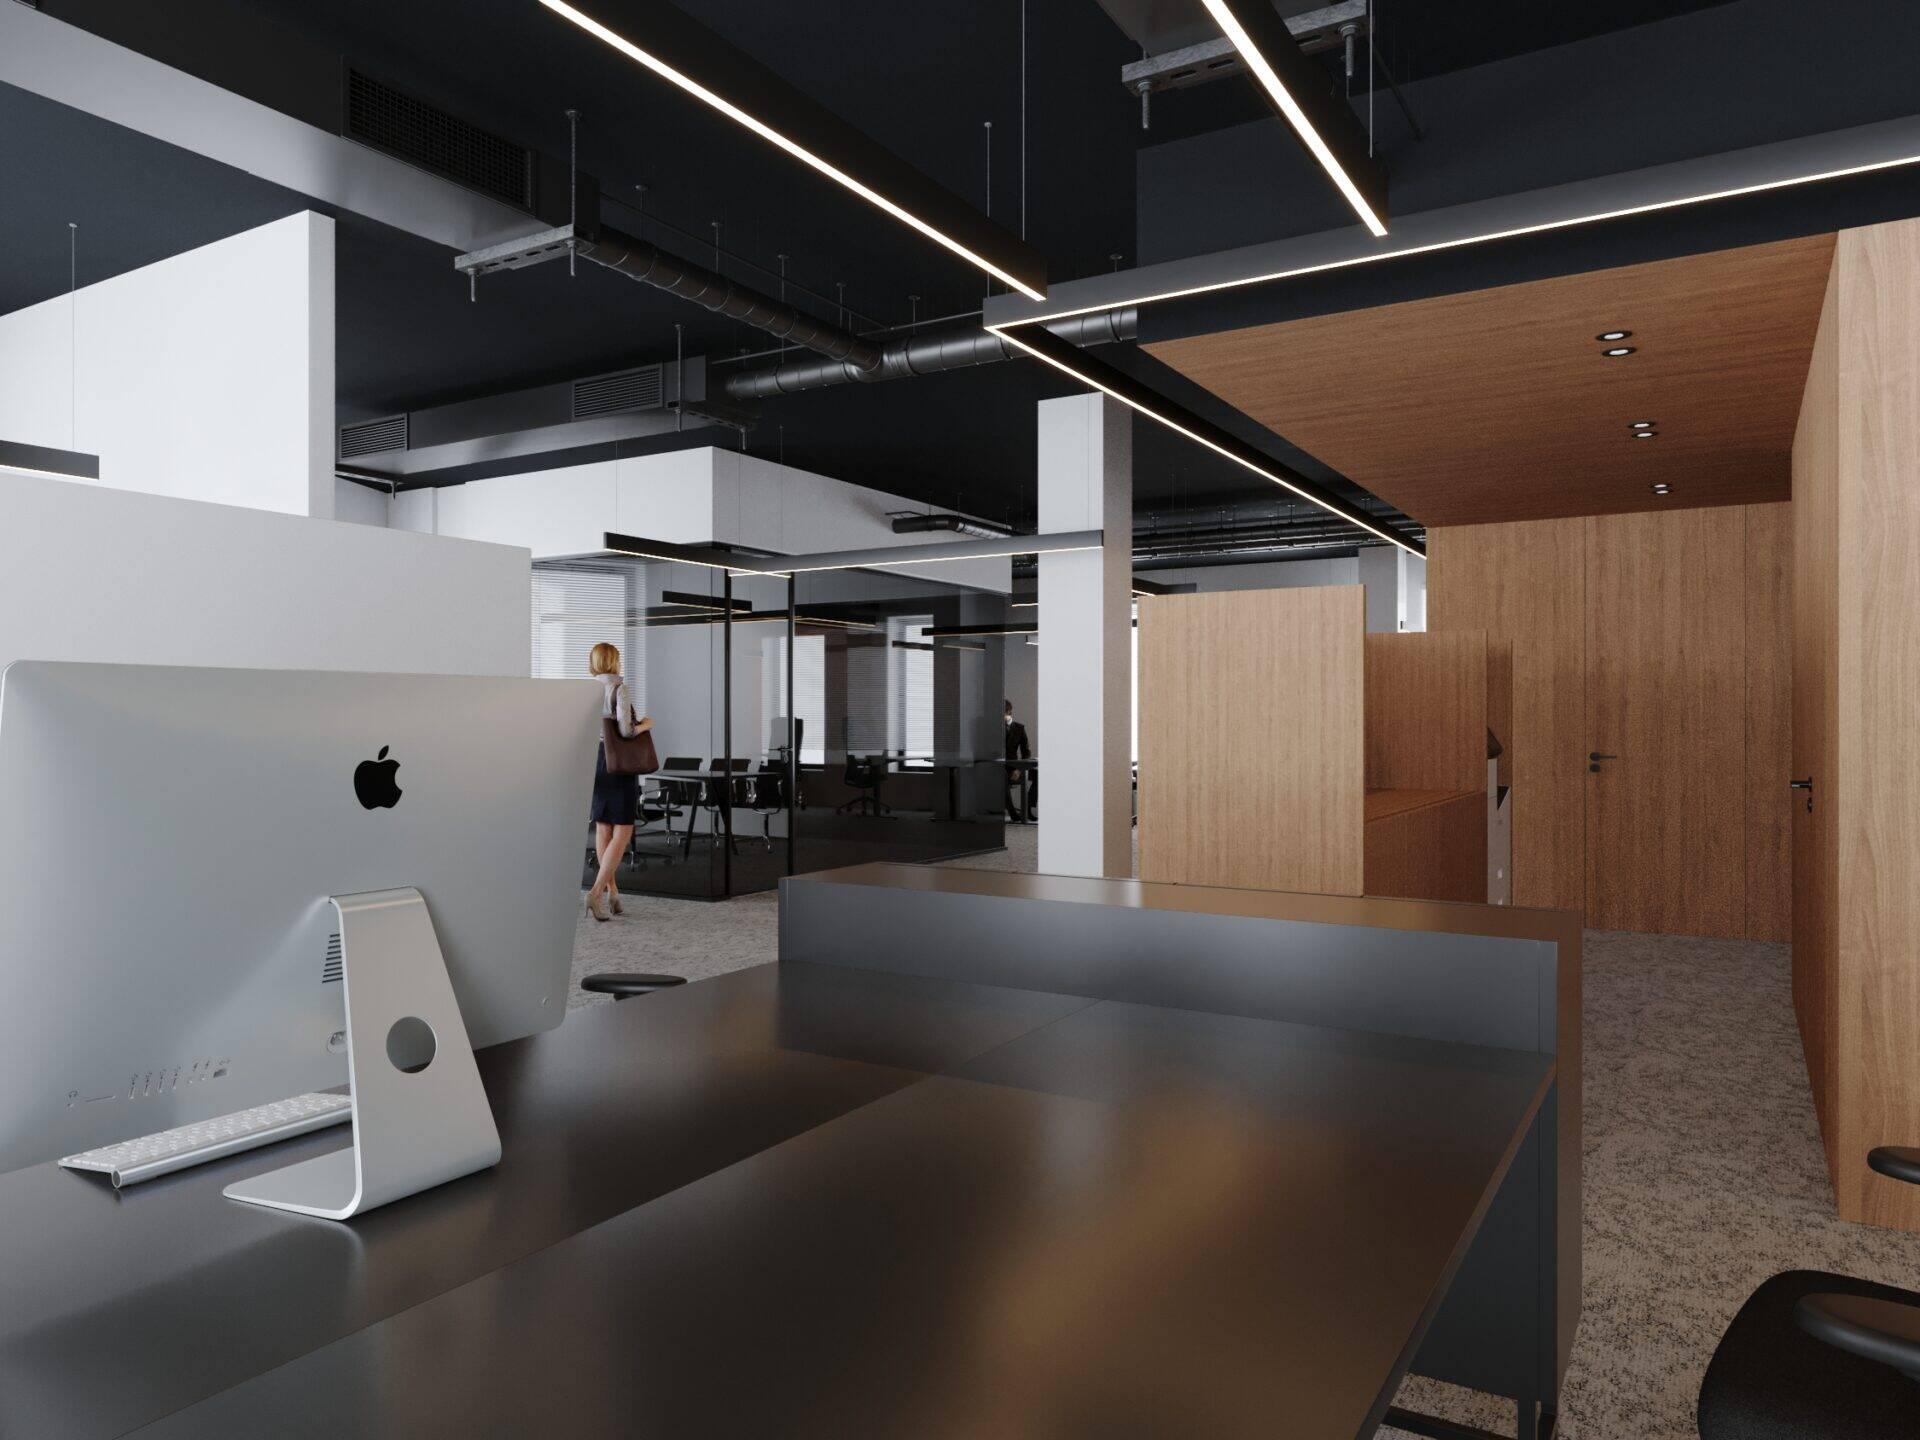 3D Office Space Rendering